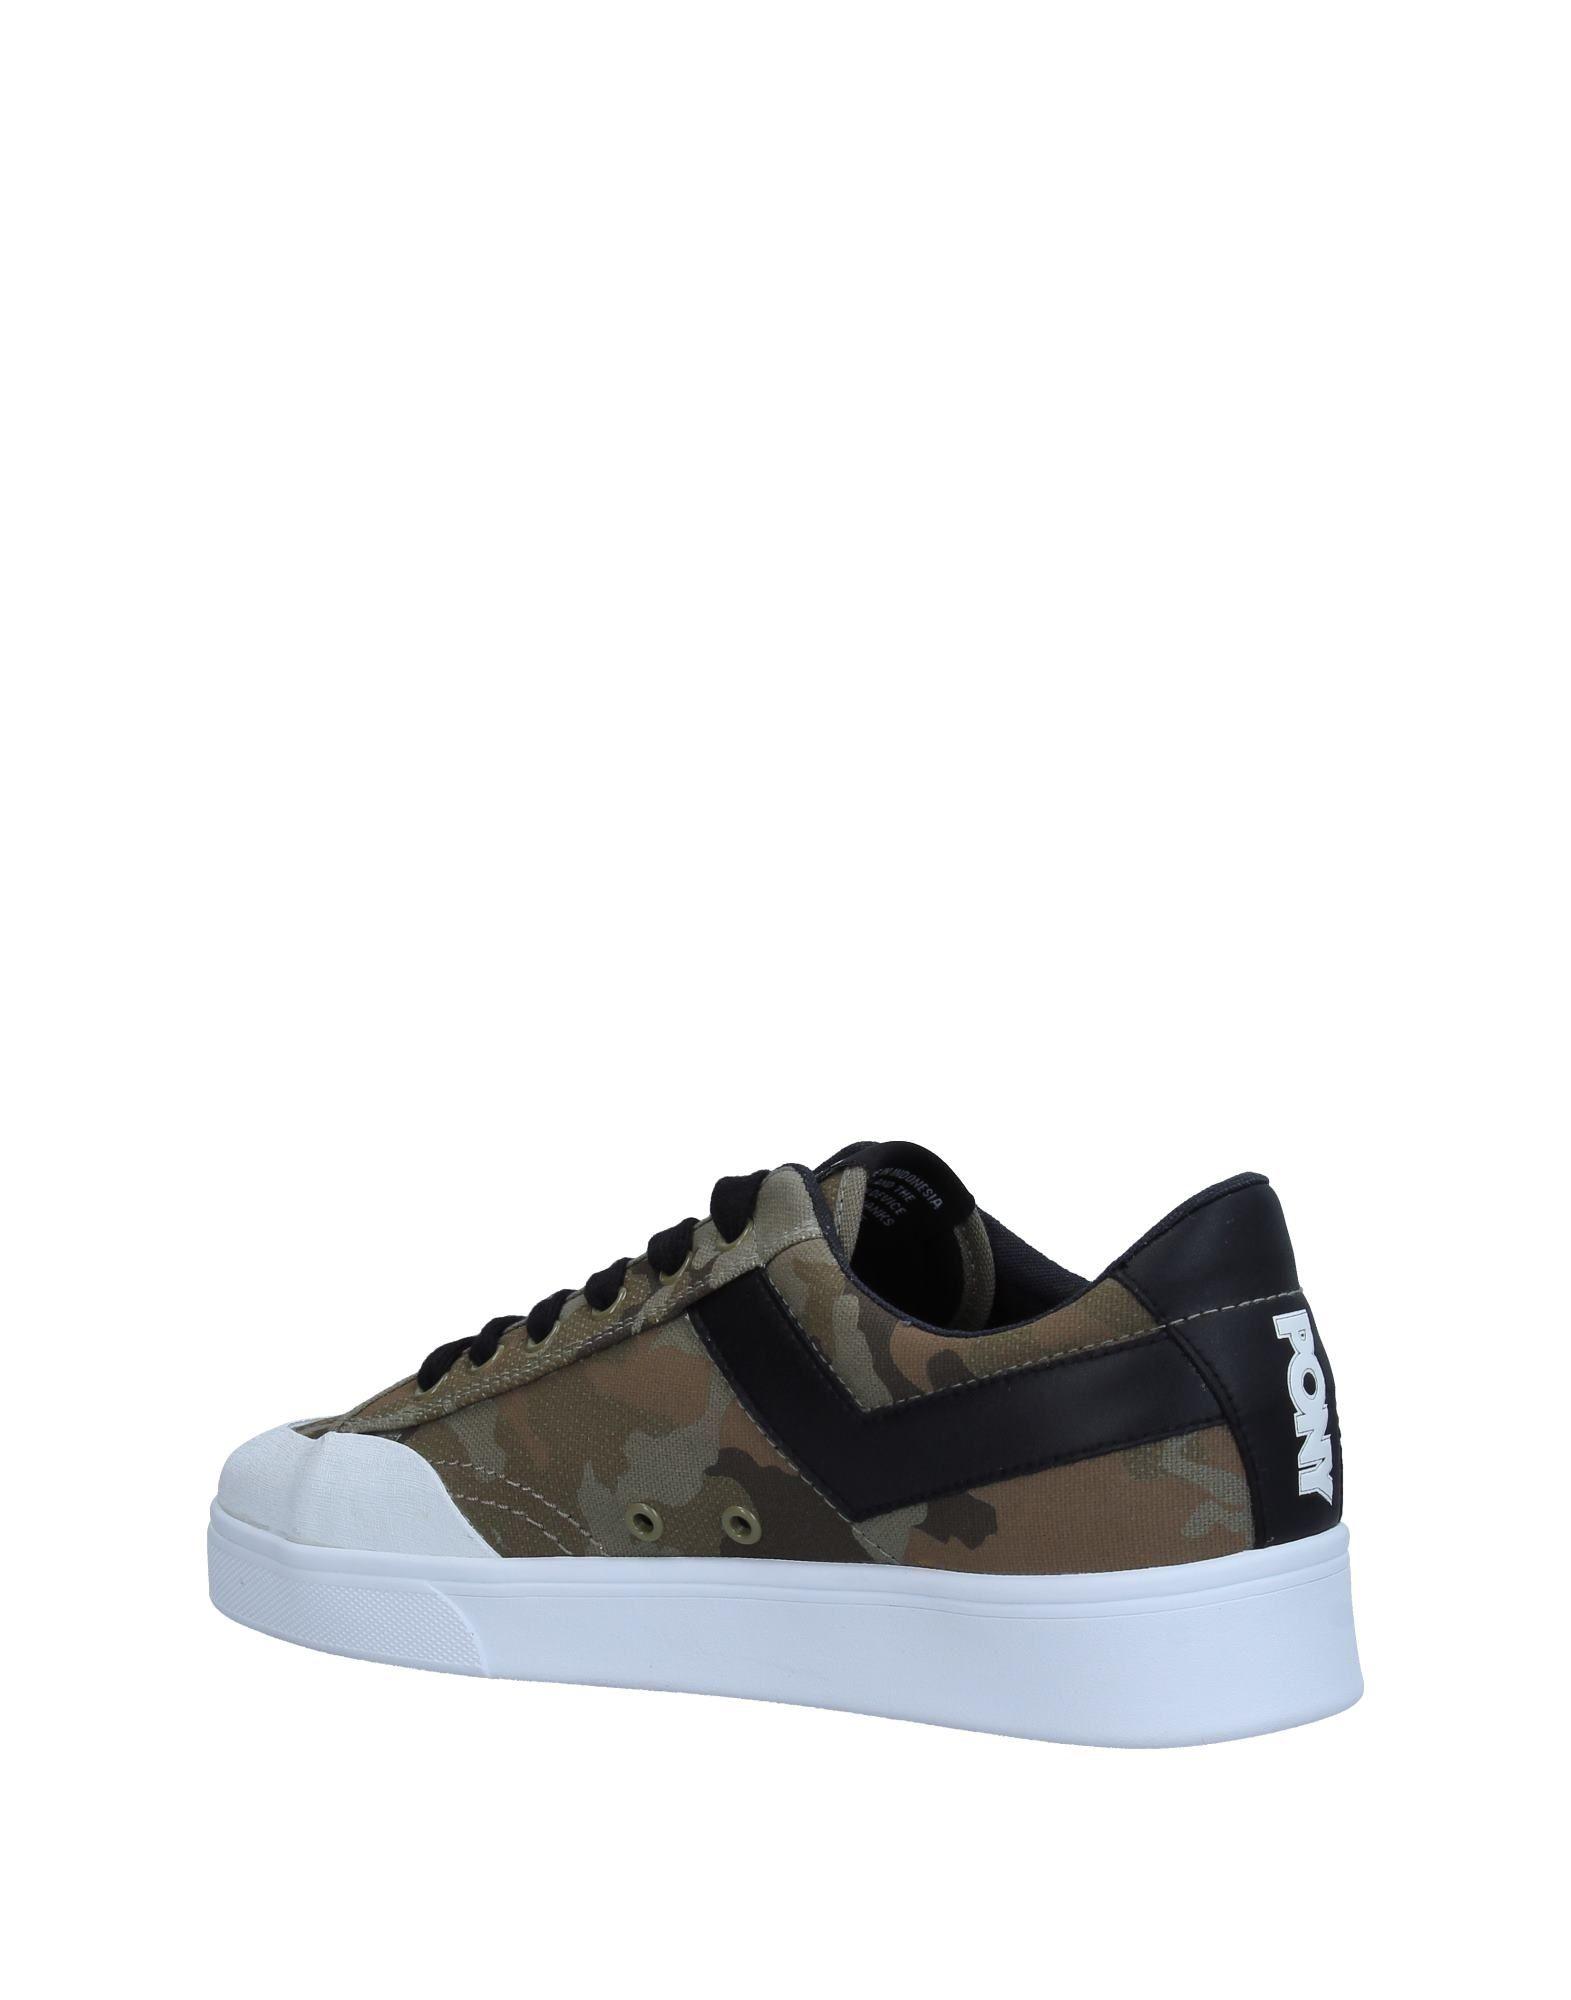 Herren Pony Sneakers Herren   11340315UP Heiße Schuhe 5d6dbf